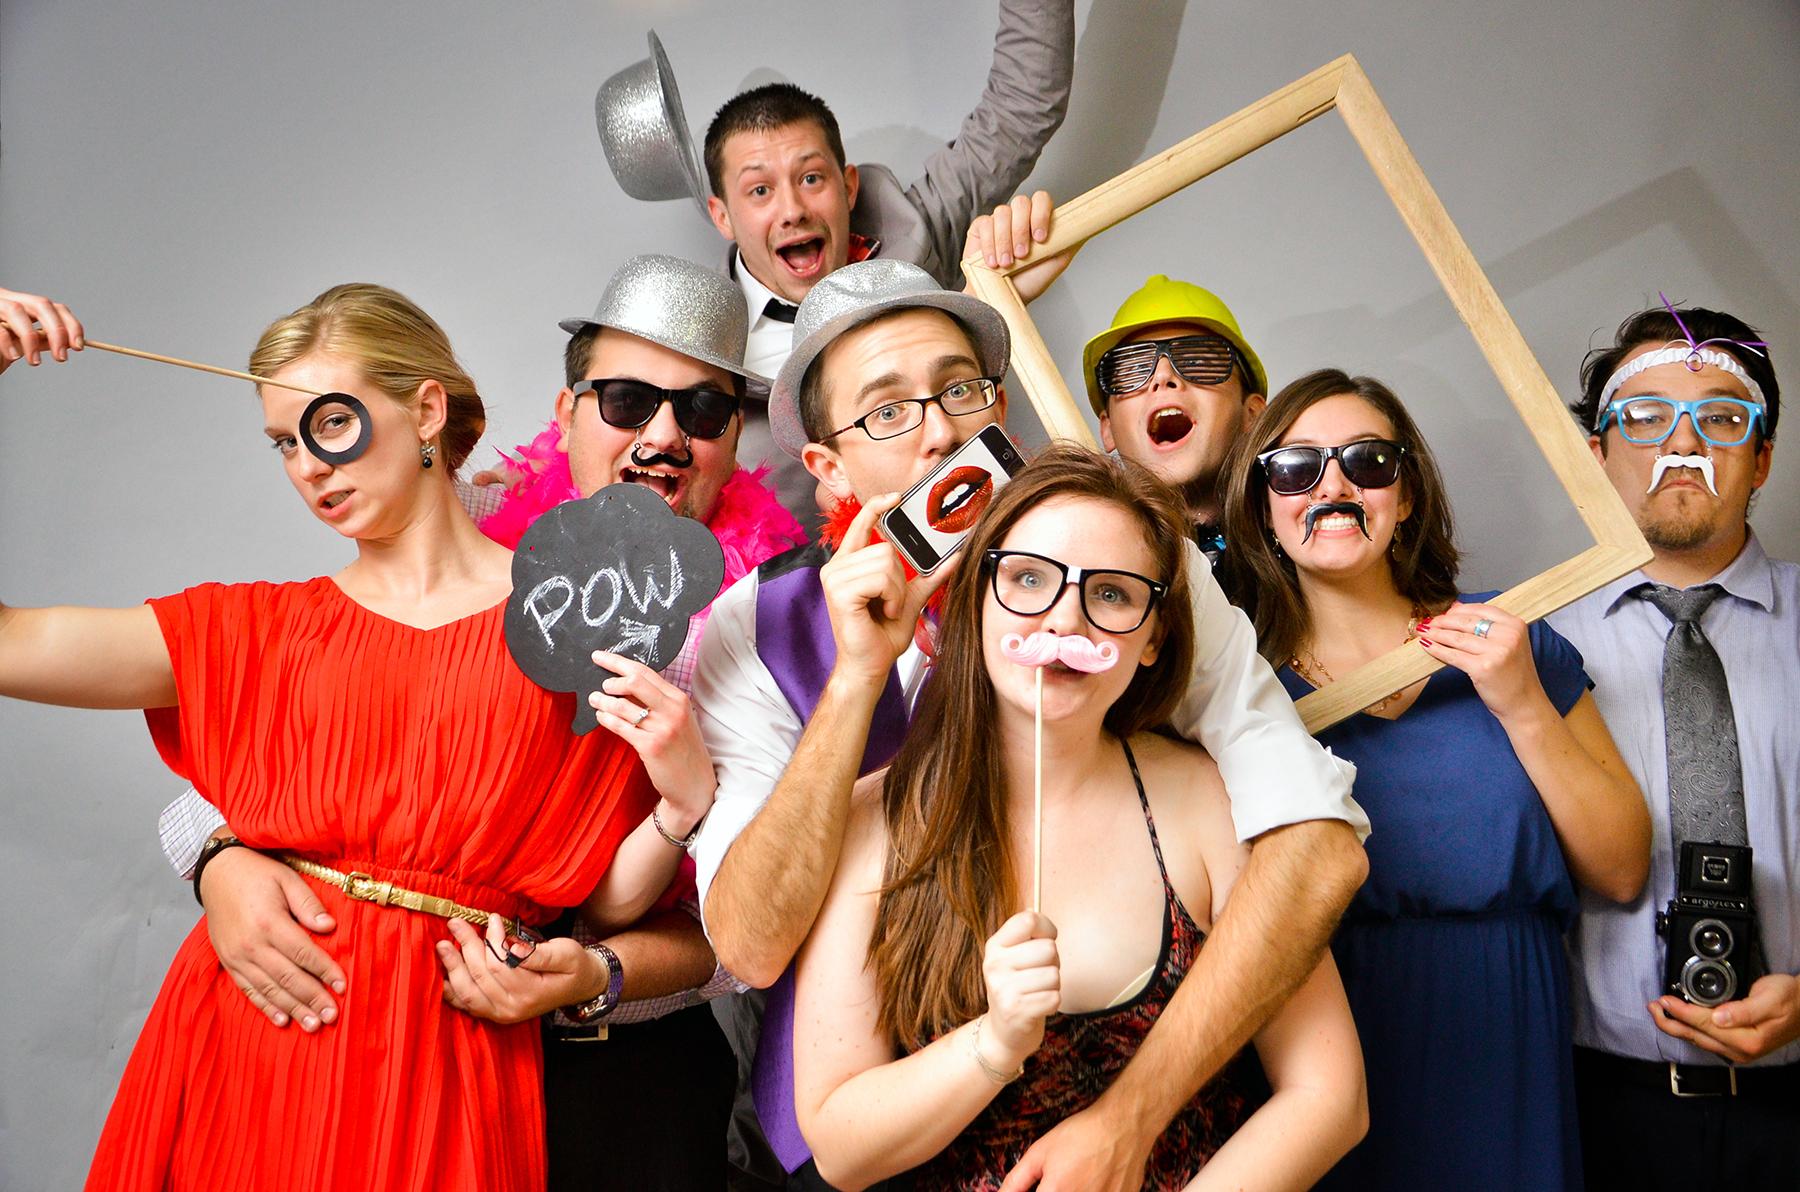 Итальянская вечеринка сценарий конкурсы викторины